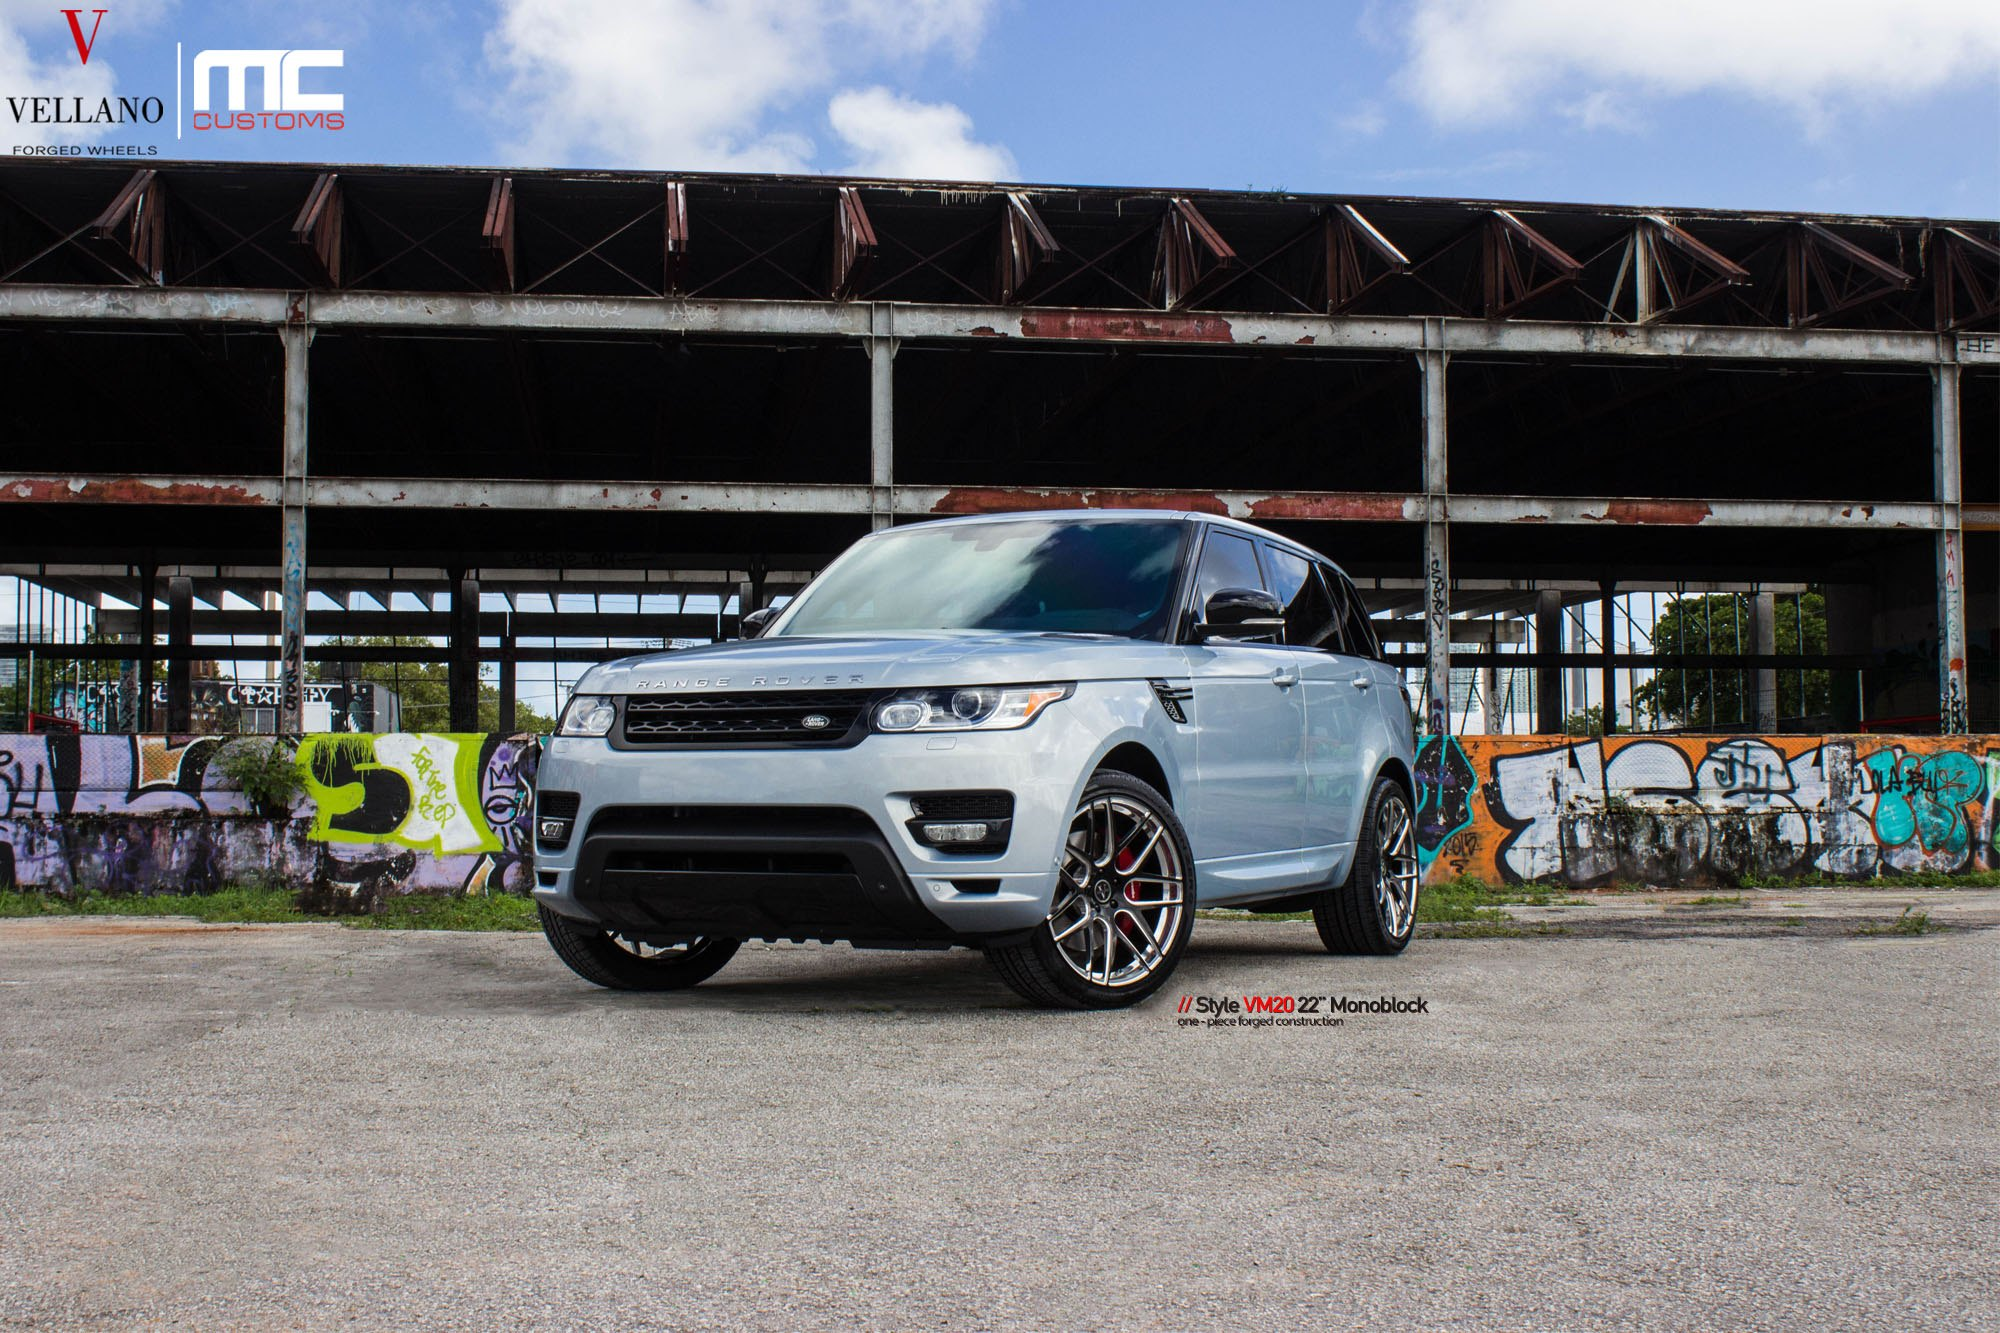 Modern tuning for custom light blue range rover sport for Land rover tarbes garage moderne